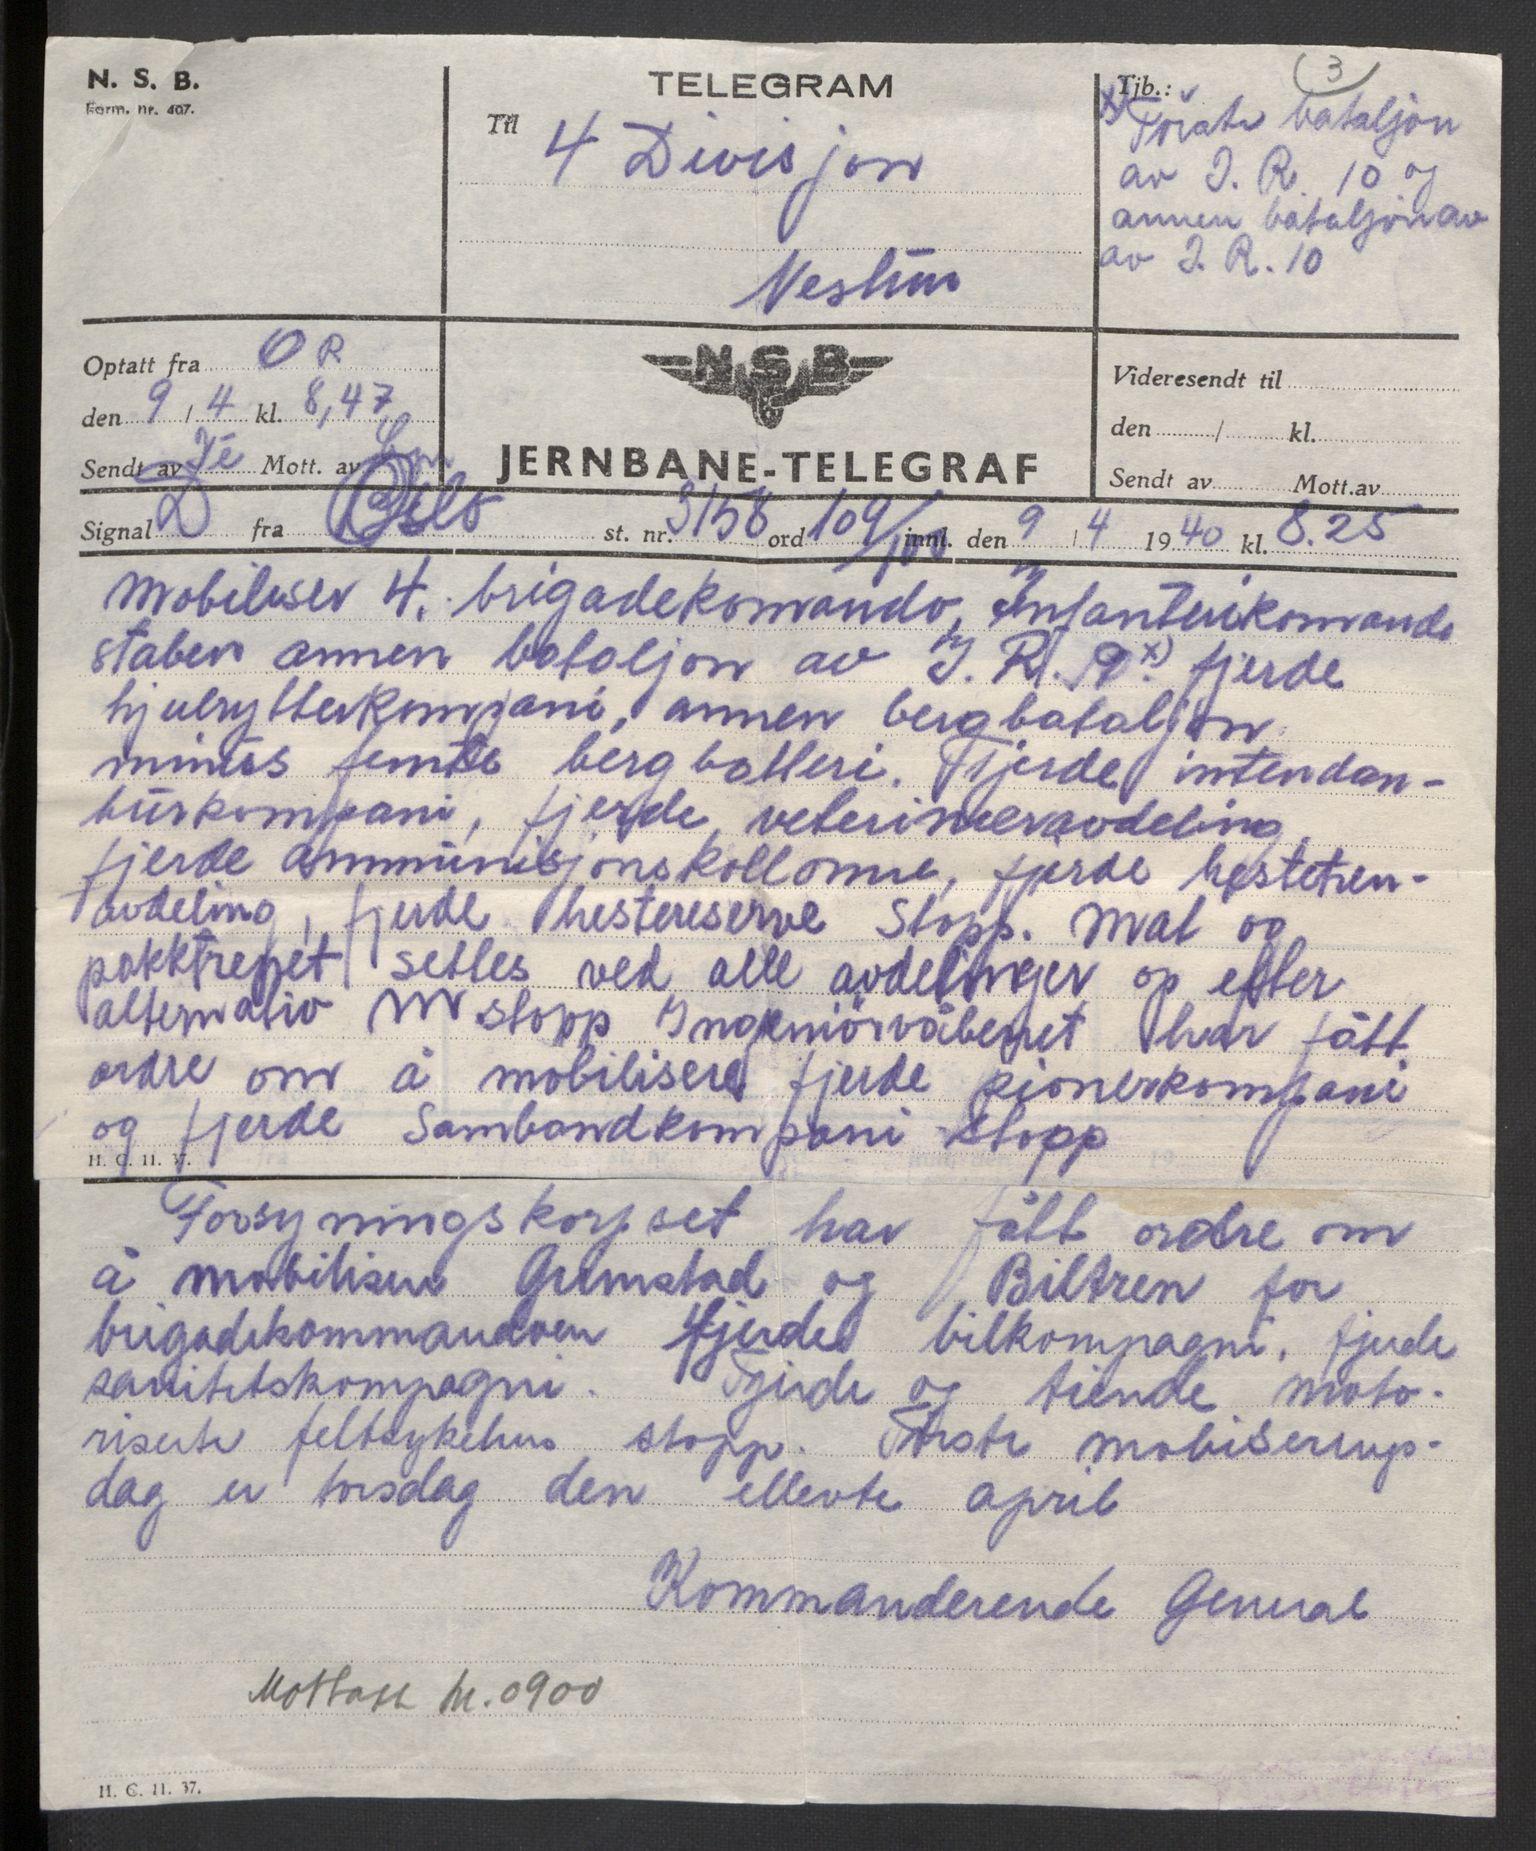 RA, Forsvaret, Forsvarets krigshistoriske avdeling, Y/Yb/L0104: II-C-11-430  -  4. Divisjon., 1940, s. 19